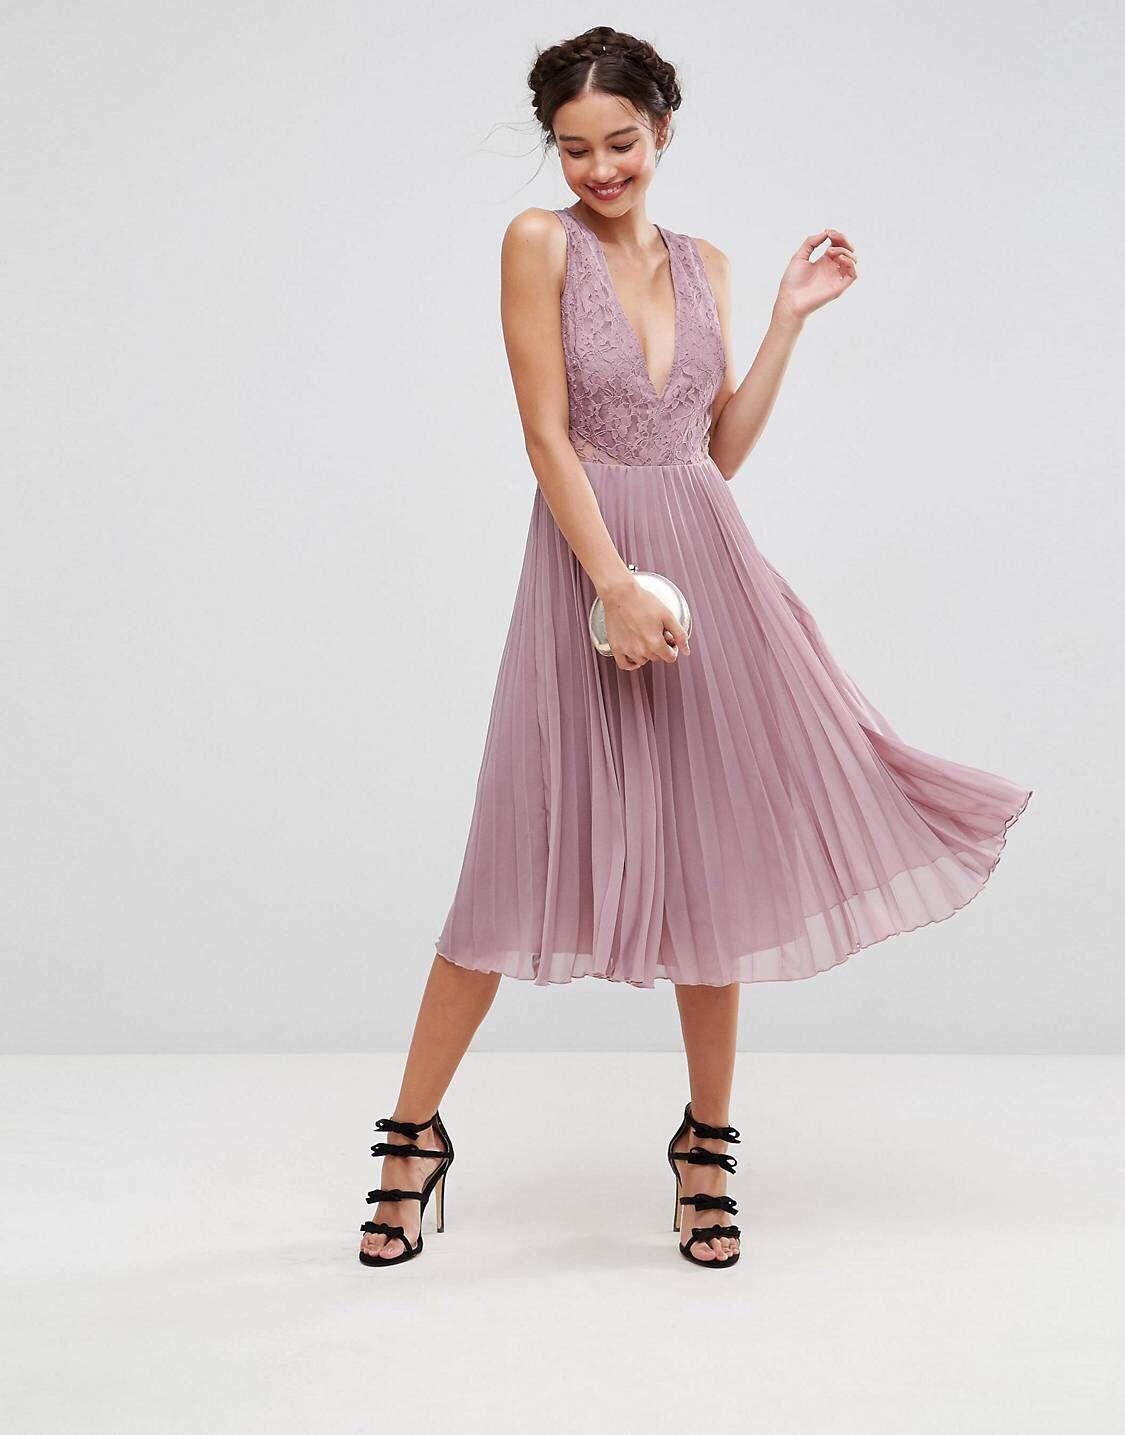 Asos Plissiertes Midikleid Mit Spitzenverzierung Wunderschone Kleider Abschlussball Kleider Plissierte Kleider